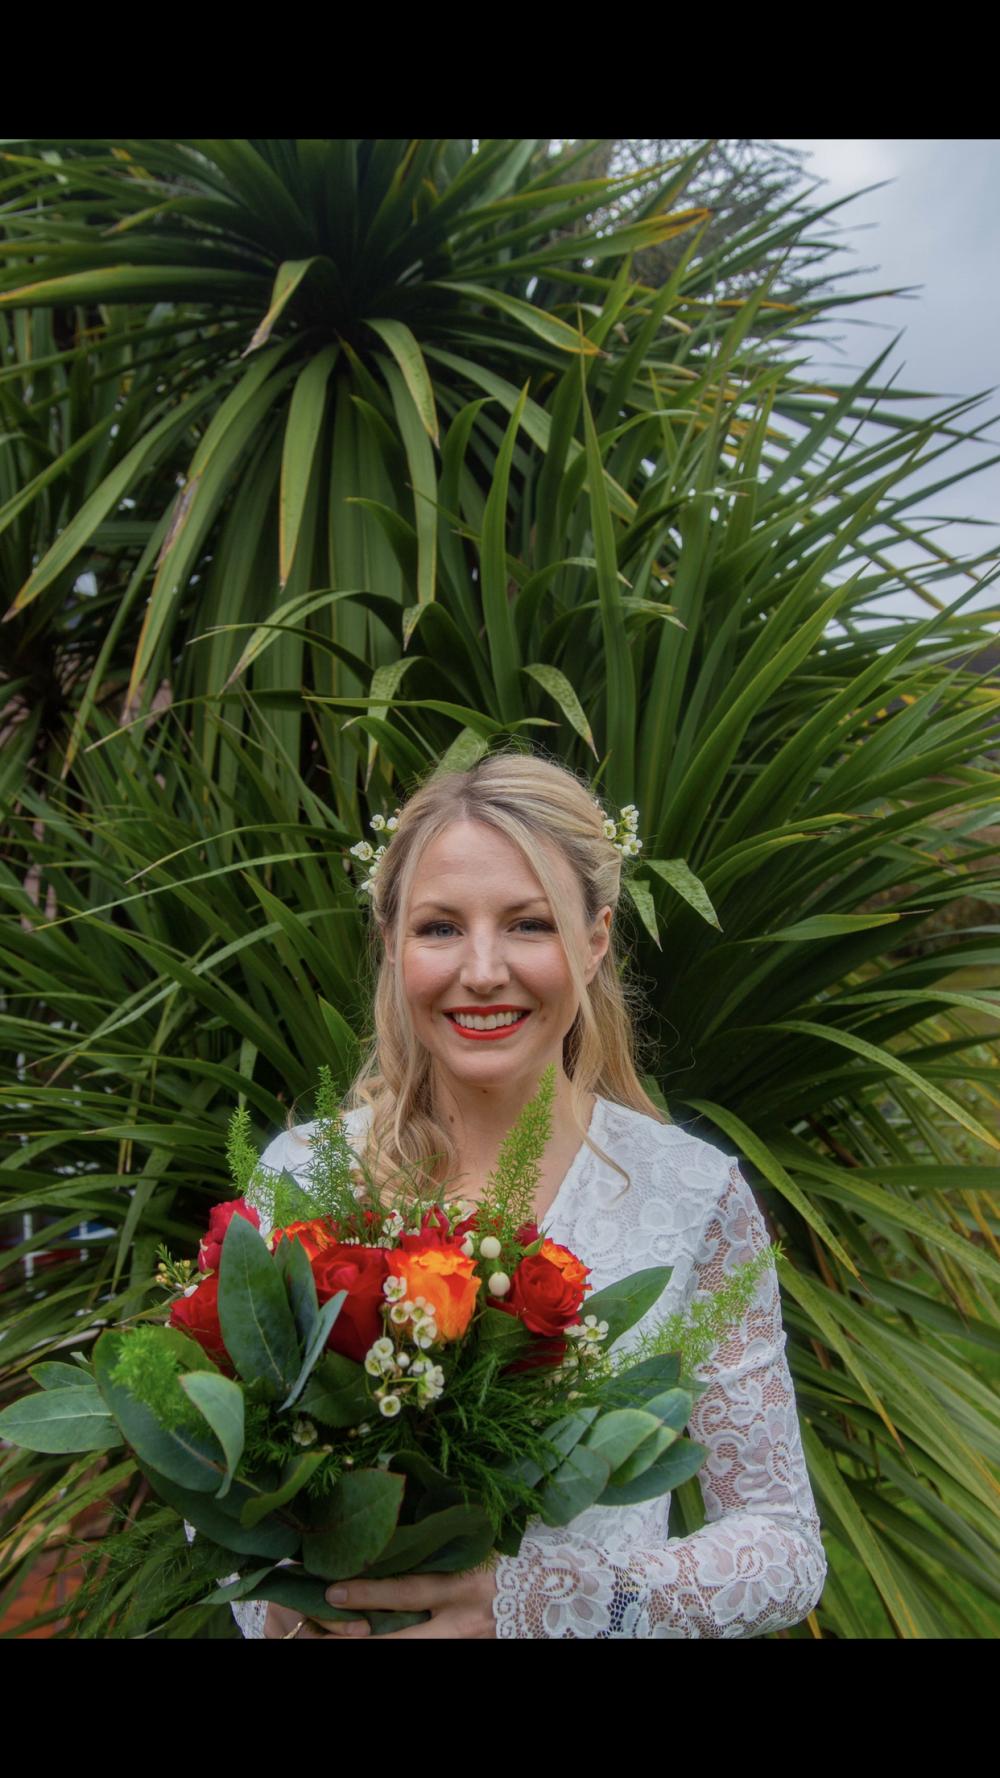 Stunning summer bride! - Make Me Bridal Artist: Ellie Nightingale Makeup. Photography by: Darcie Thompson. #bohemian #flowercrown #flowersinherhair #soft #redlip #summer #softcurls #glamourousprettyblondebridebighair